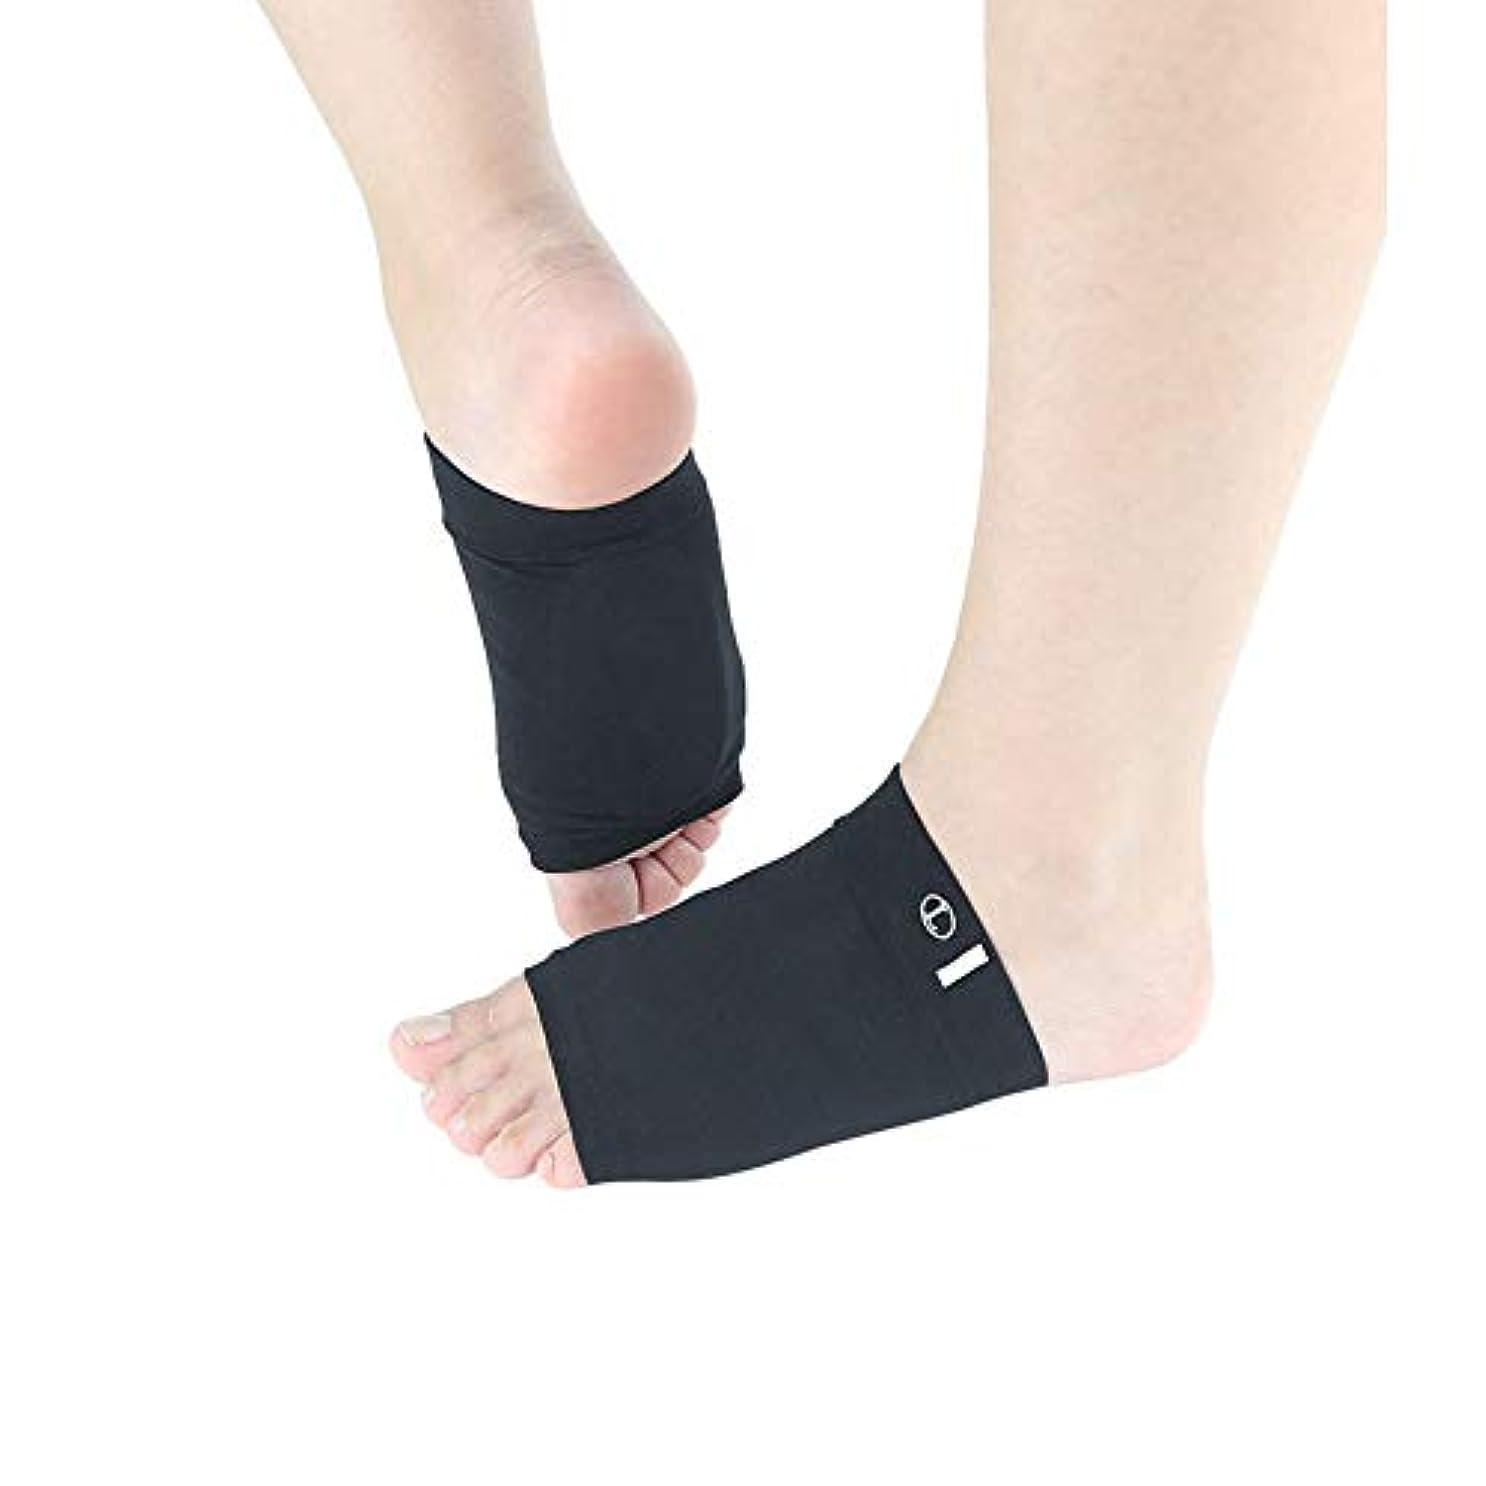 必須選択ミッションTCATEC 扁平足 サポーター アーチサポーター 偏平足 矯正 足裏 土踏まず むくみ解消 衝撃吸収 足底筋膜炎 足の痛み対策 歩行 立ち仕事 フリーサイズ 男女兼用